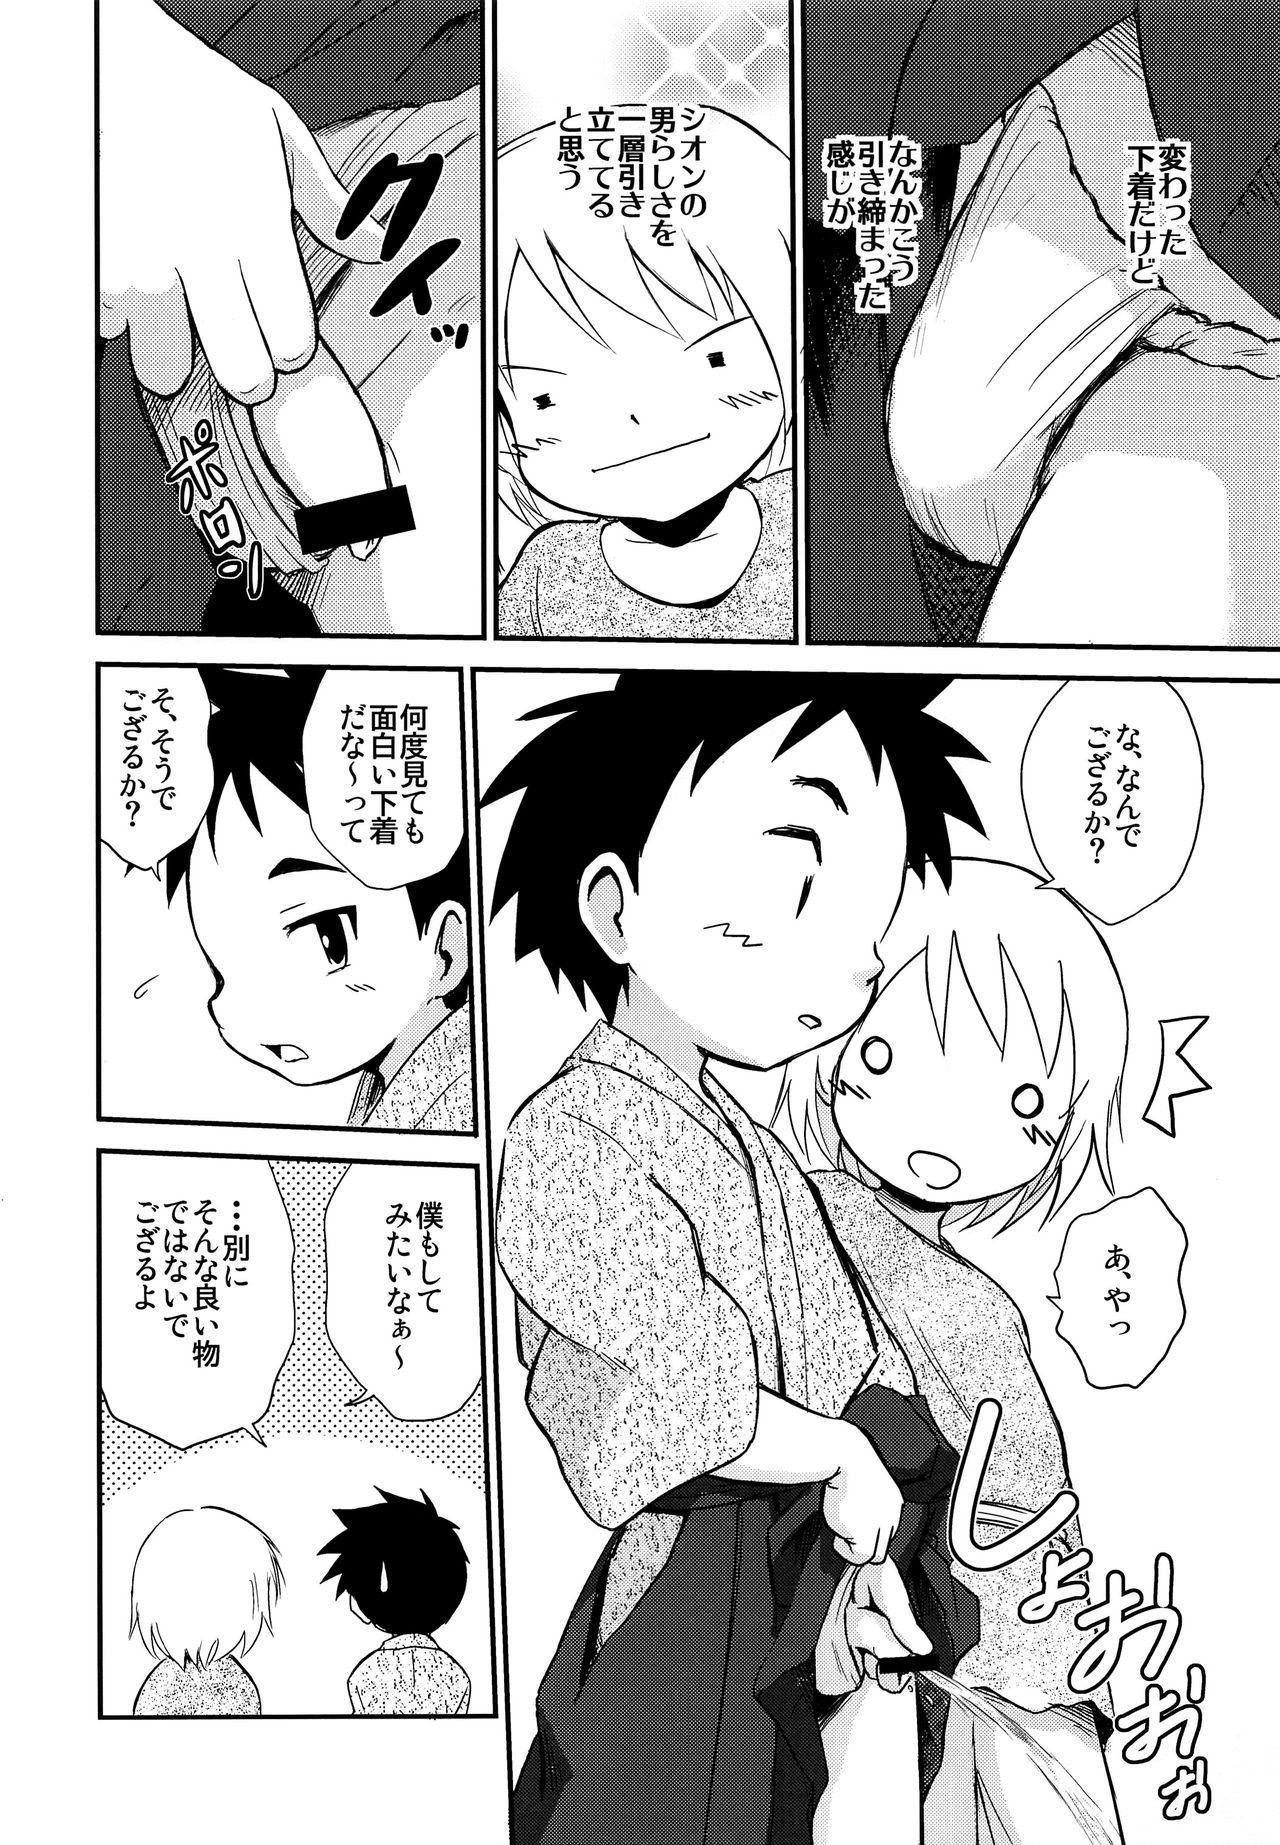 Shounen Kenshi 4